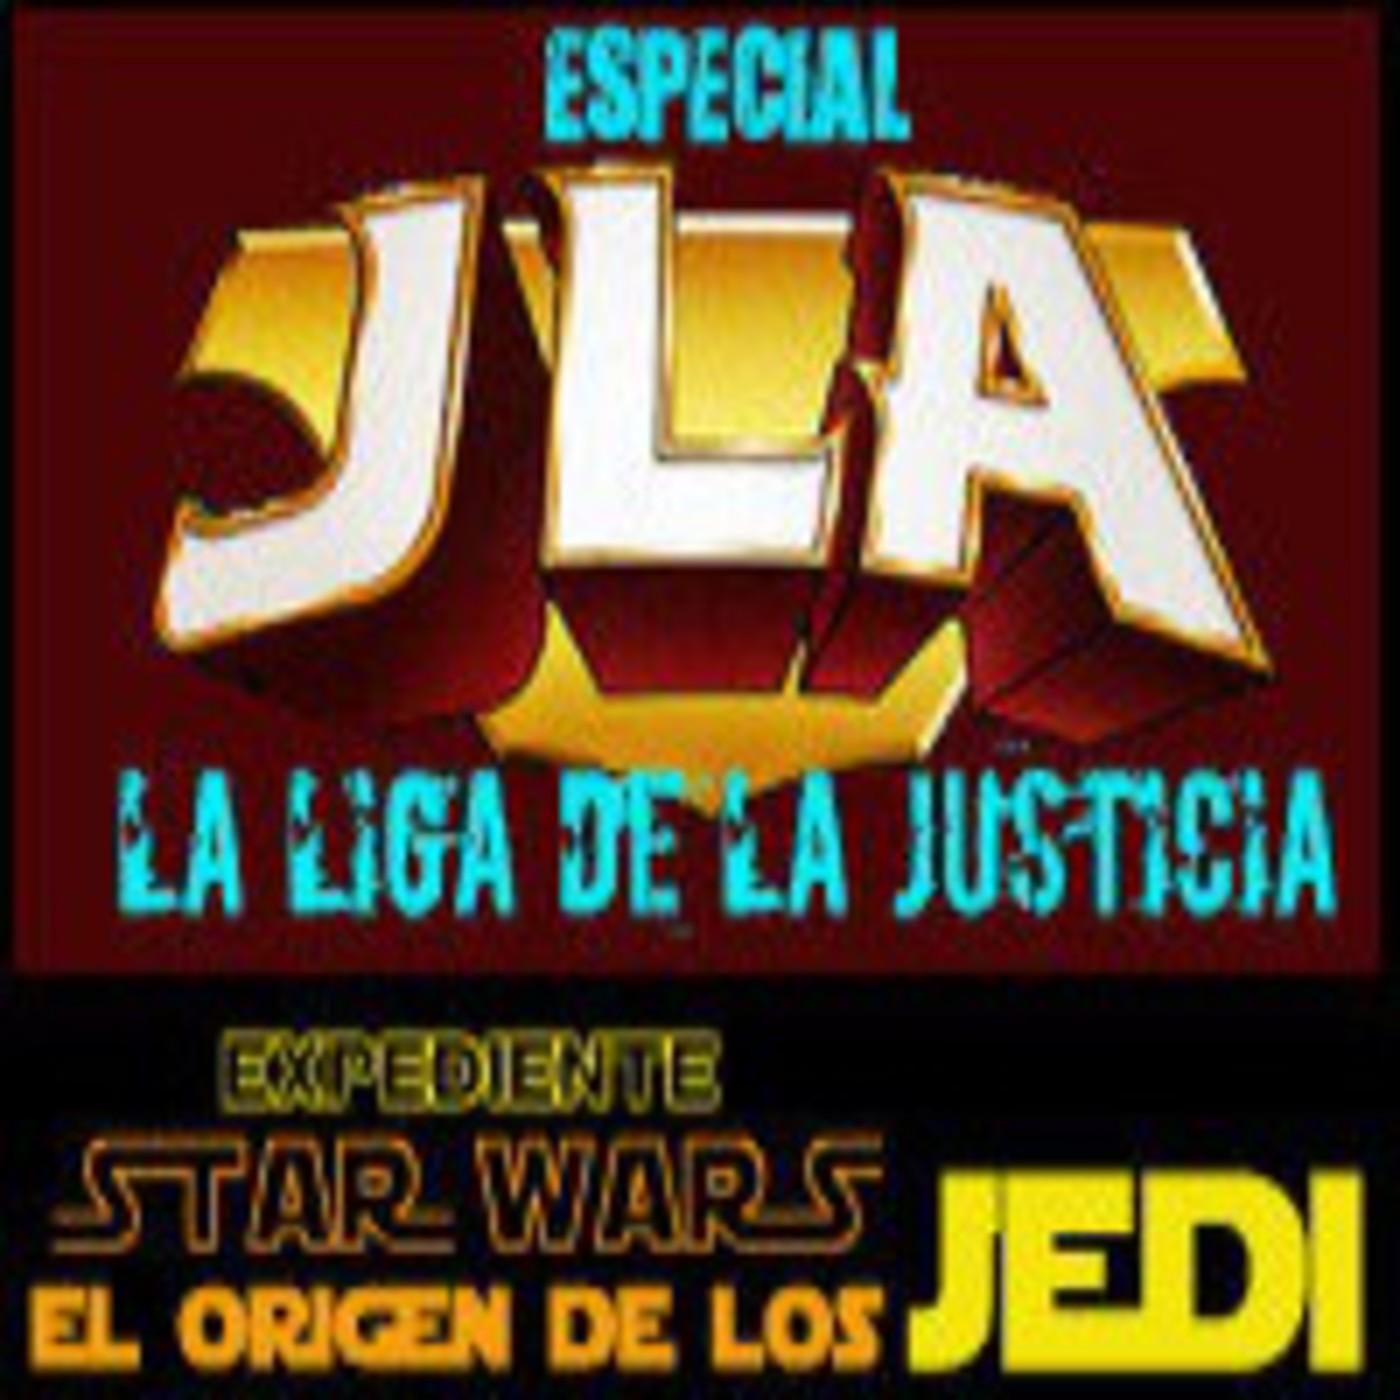 LODE 3x12 (tamaño reducido) JLA La Liga de la Justicia + el origen de los JEDI